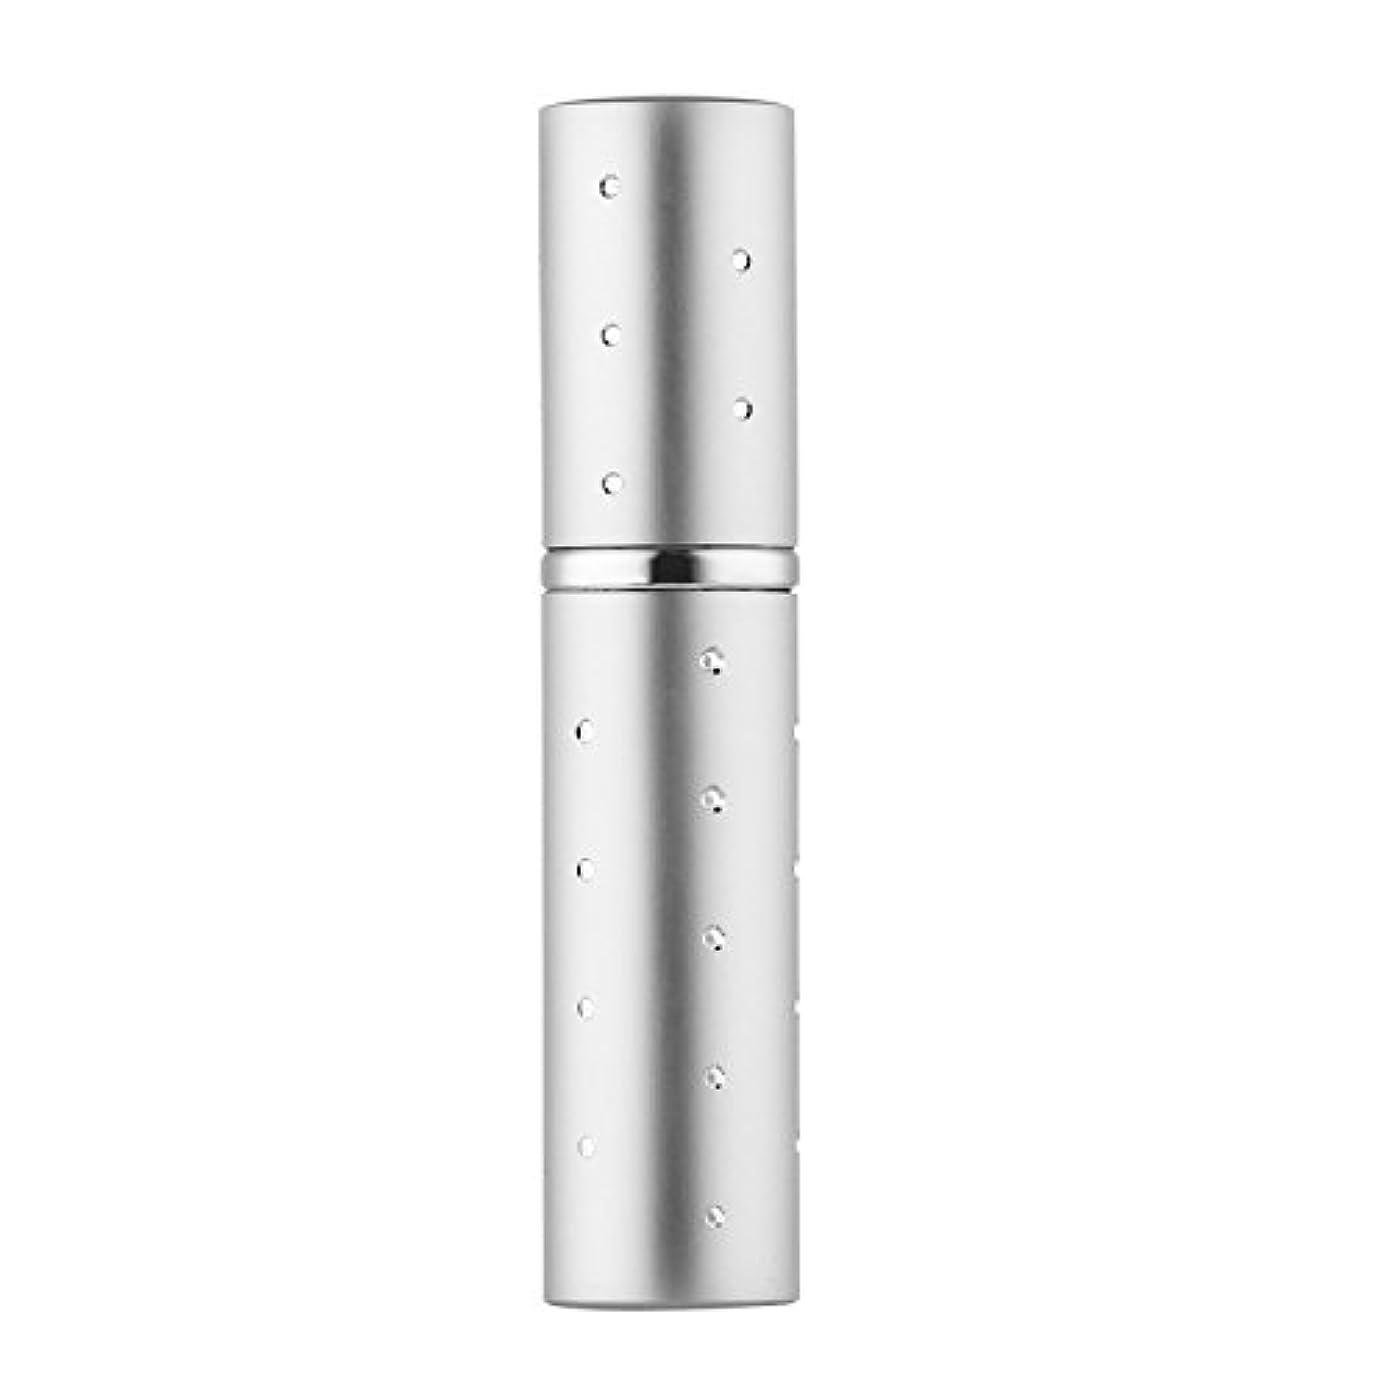 星速報サイバースペース香水アトマイザー Faireach レディース スプレーボトル 香水噴霧器 旅行携帯便利 詰め替え容器 5ml